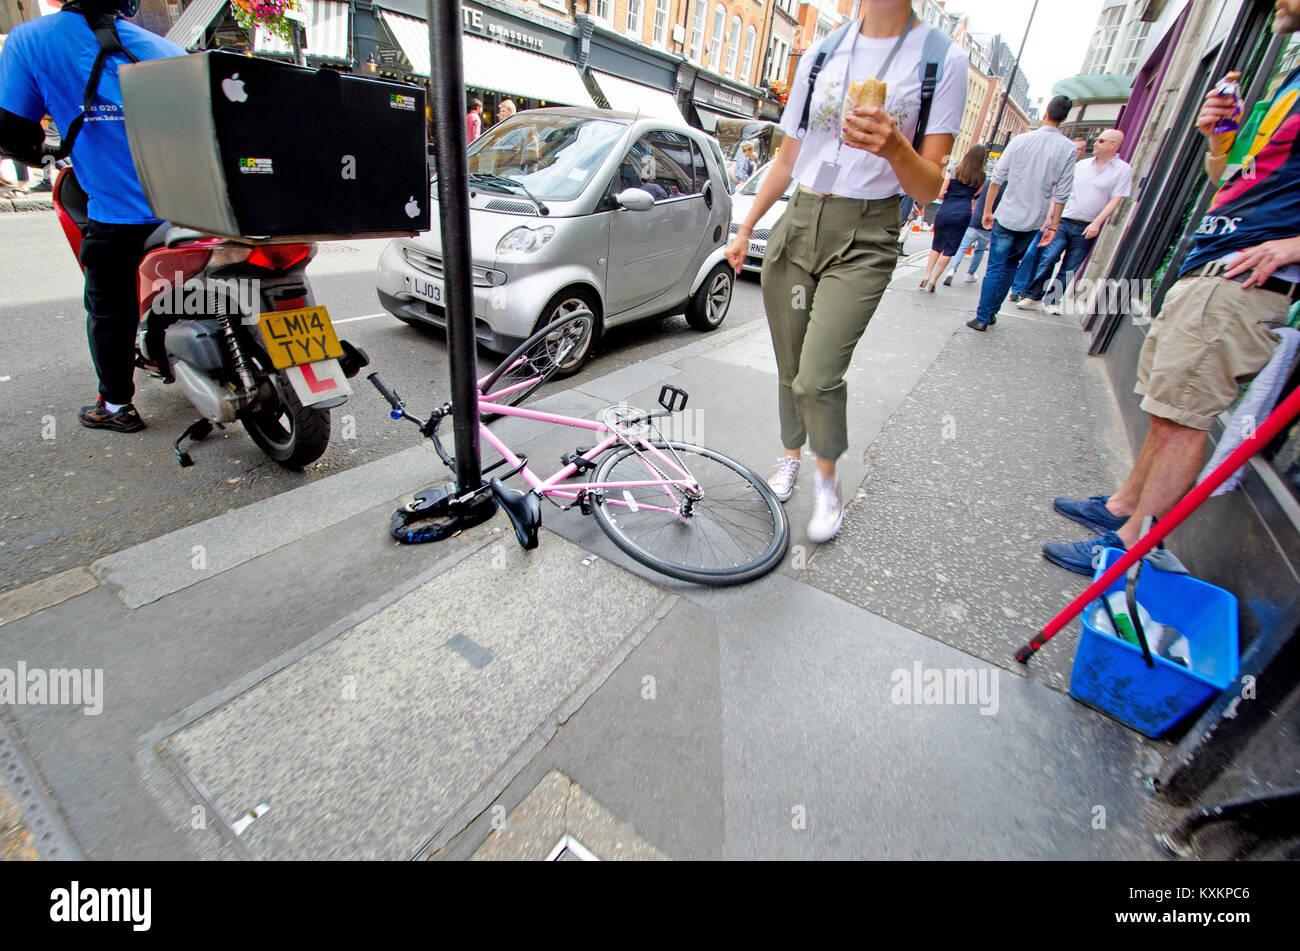 Londra, Inghilterra, Regno Unito. Noleggio concatenati a un post e il blocco di pavimentazione - pericolo di inciampare Immagini Stock